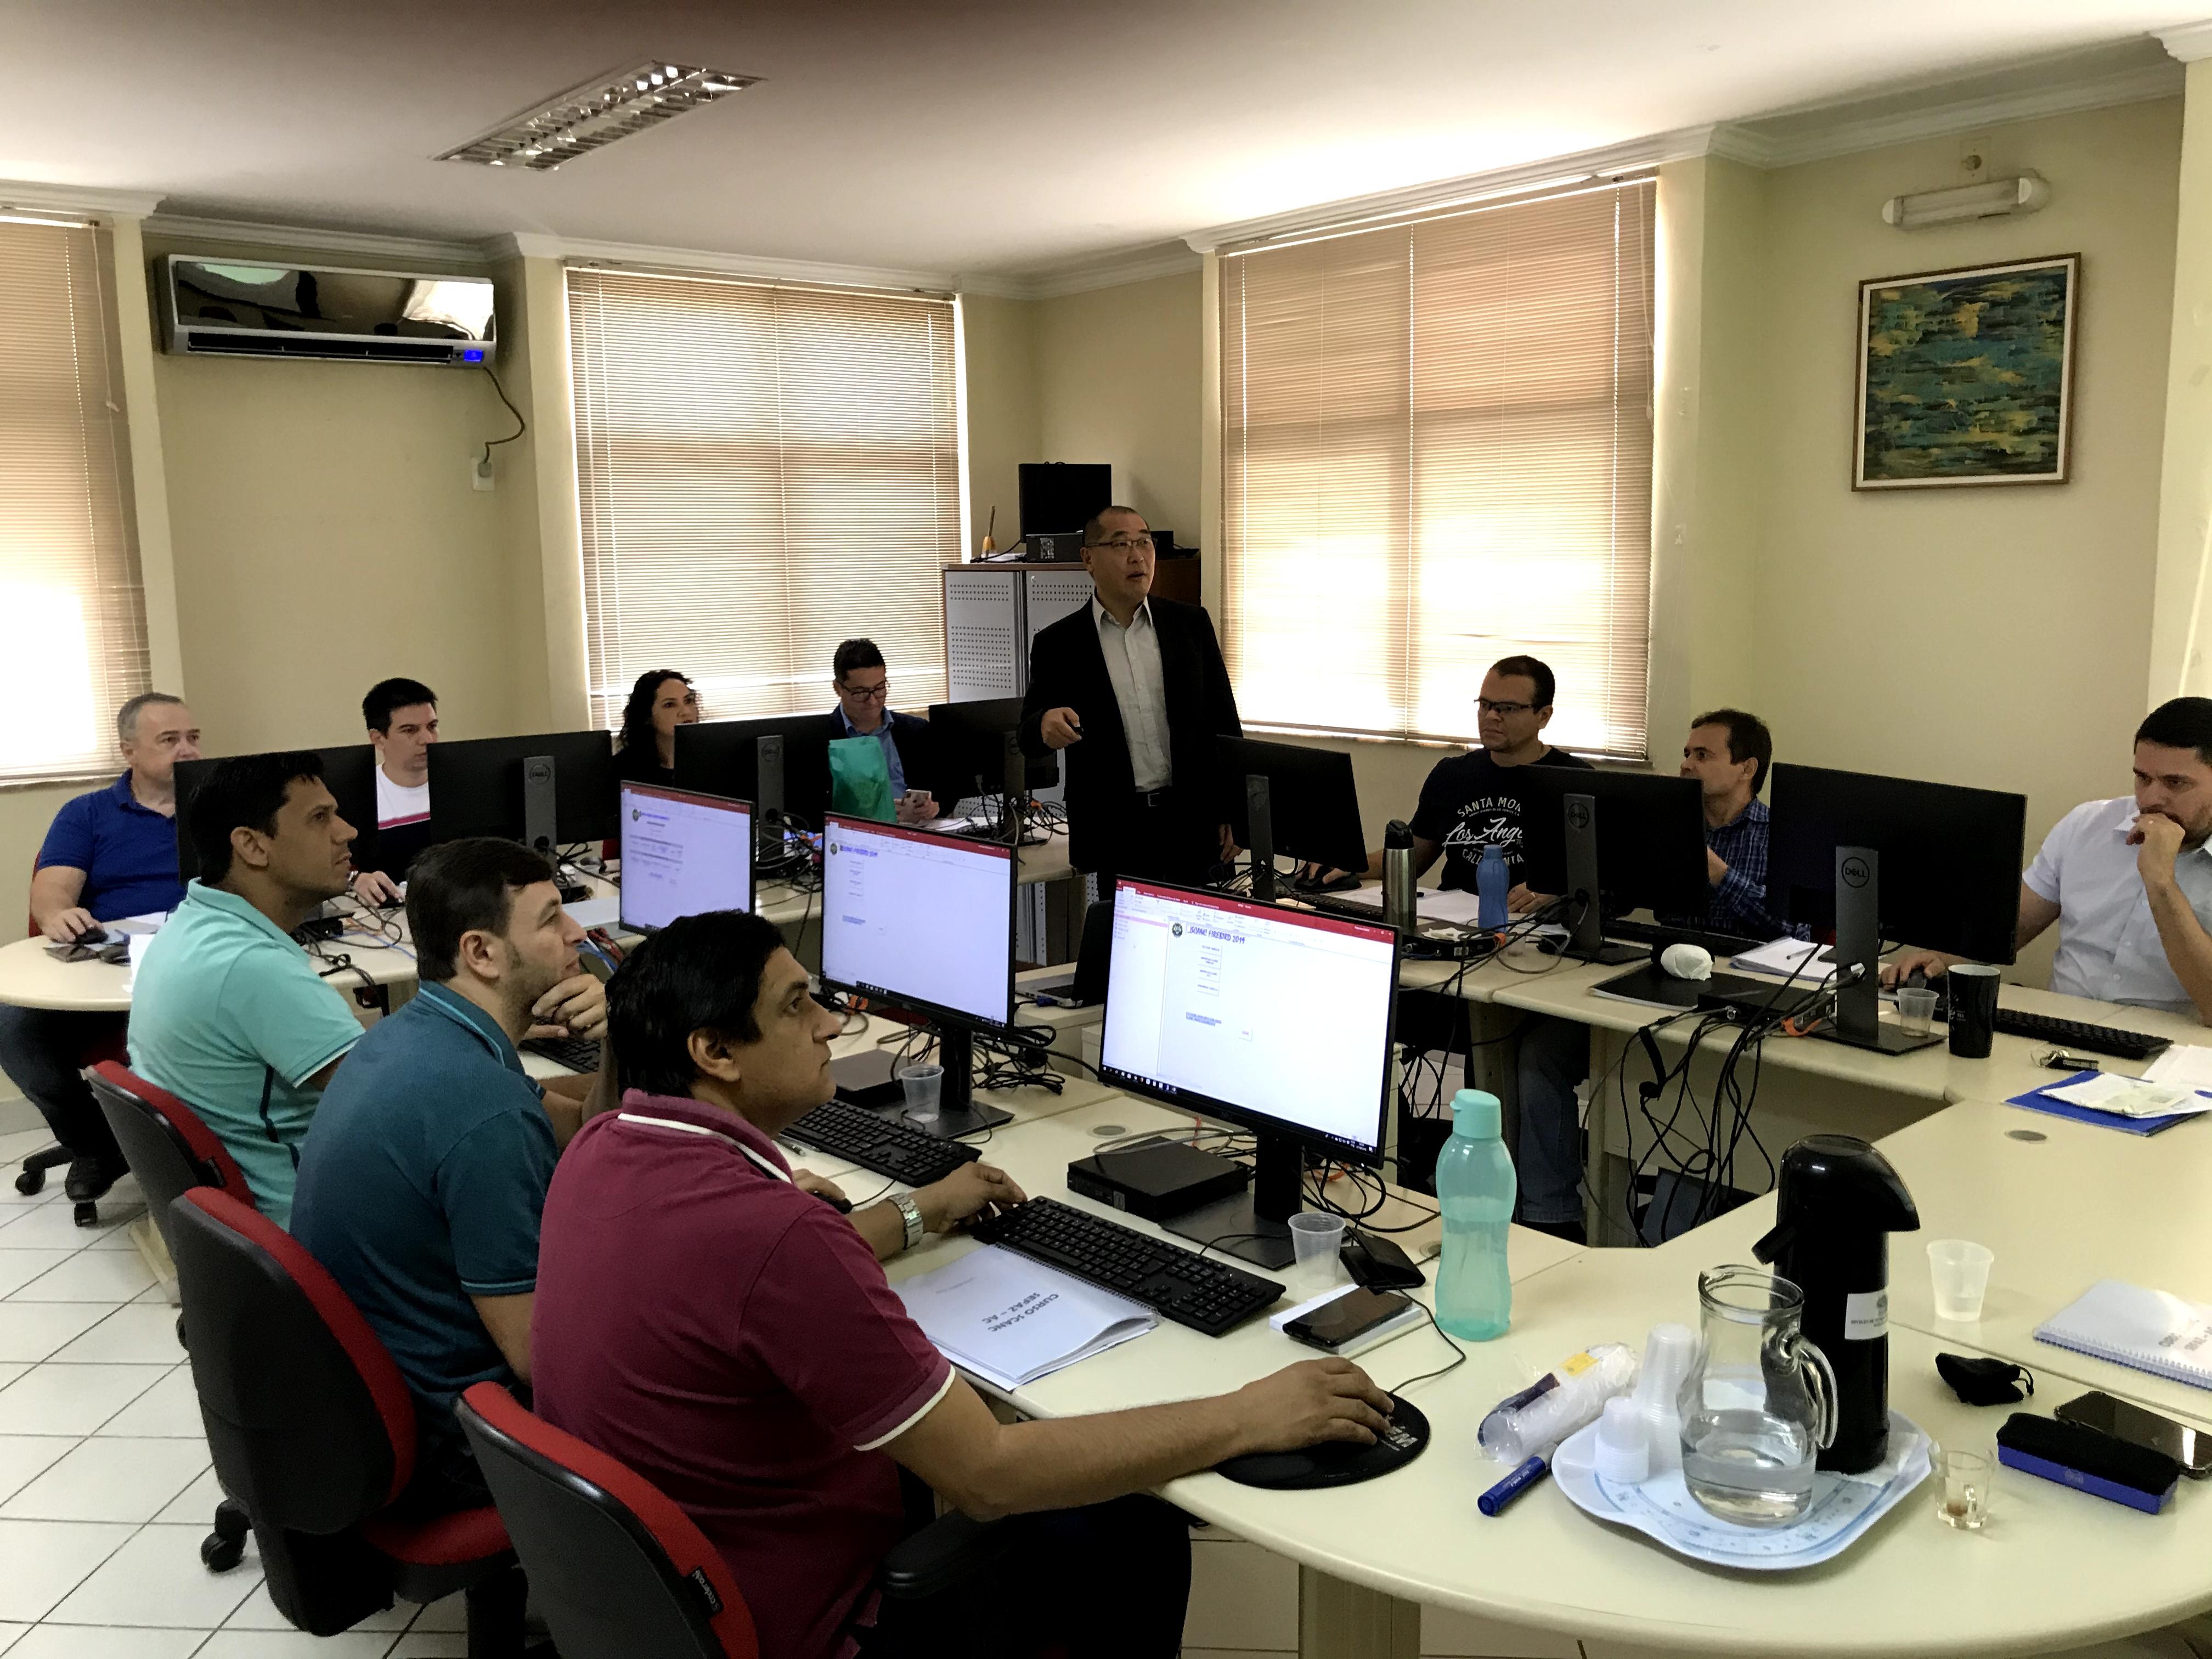 Auditores fiscais do Estado participam de capacitação em software de monitoramento de combustíveis